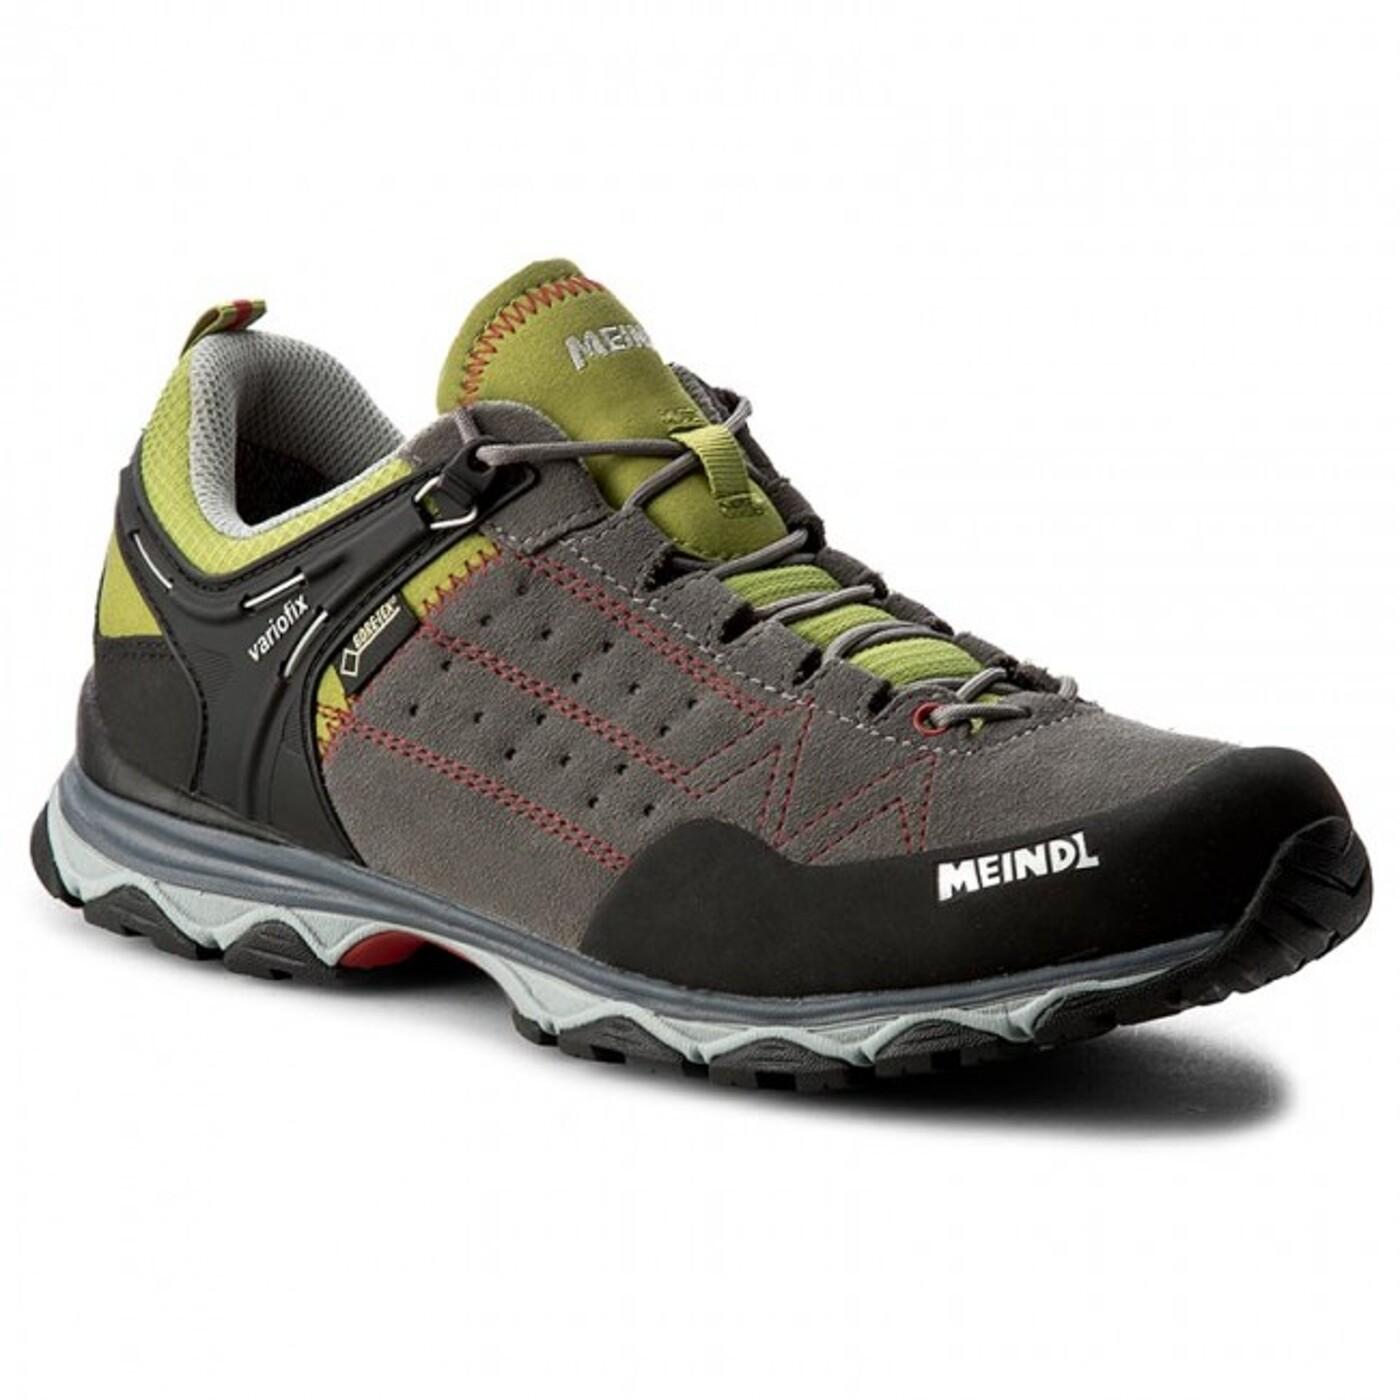 Hiking-Wanderschuh ONTARIO GTX MEINDL - Herren